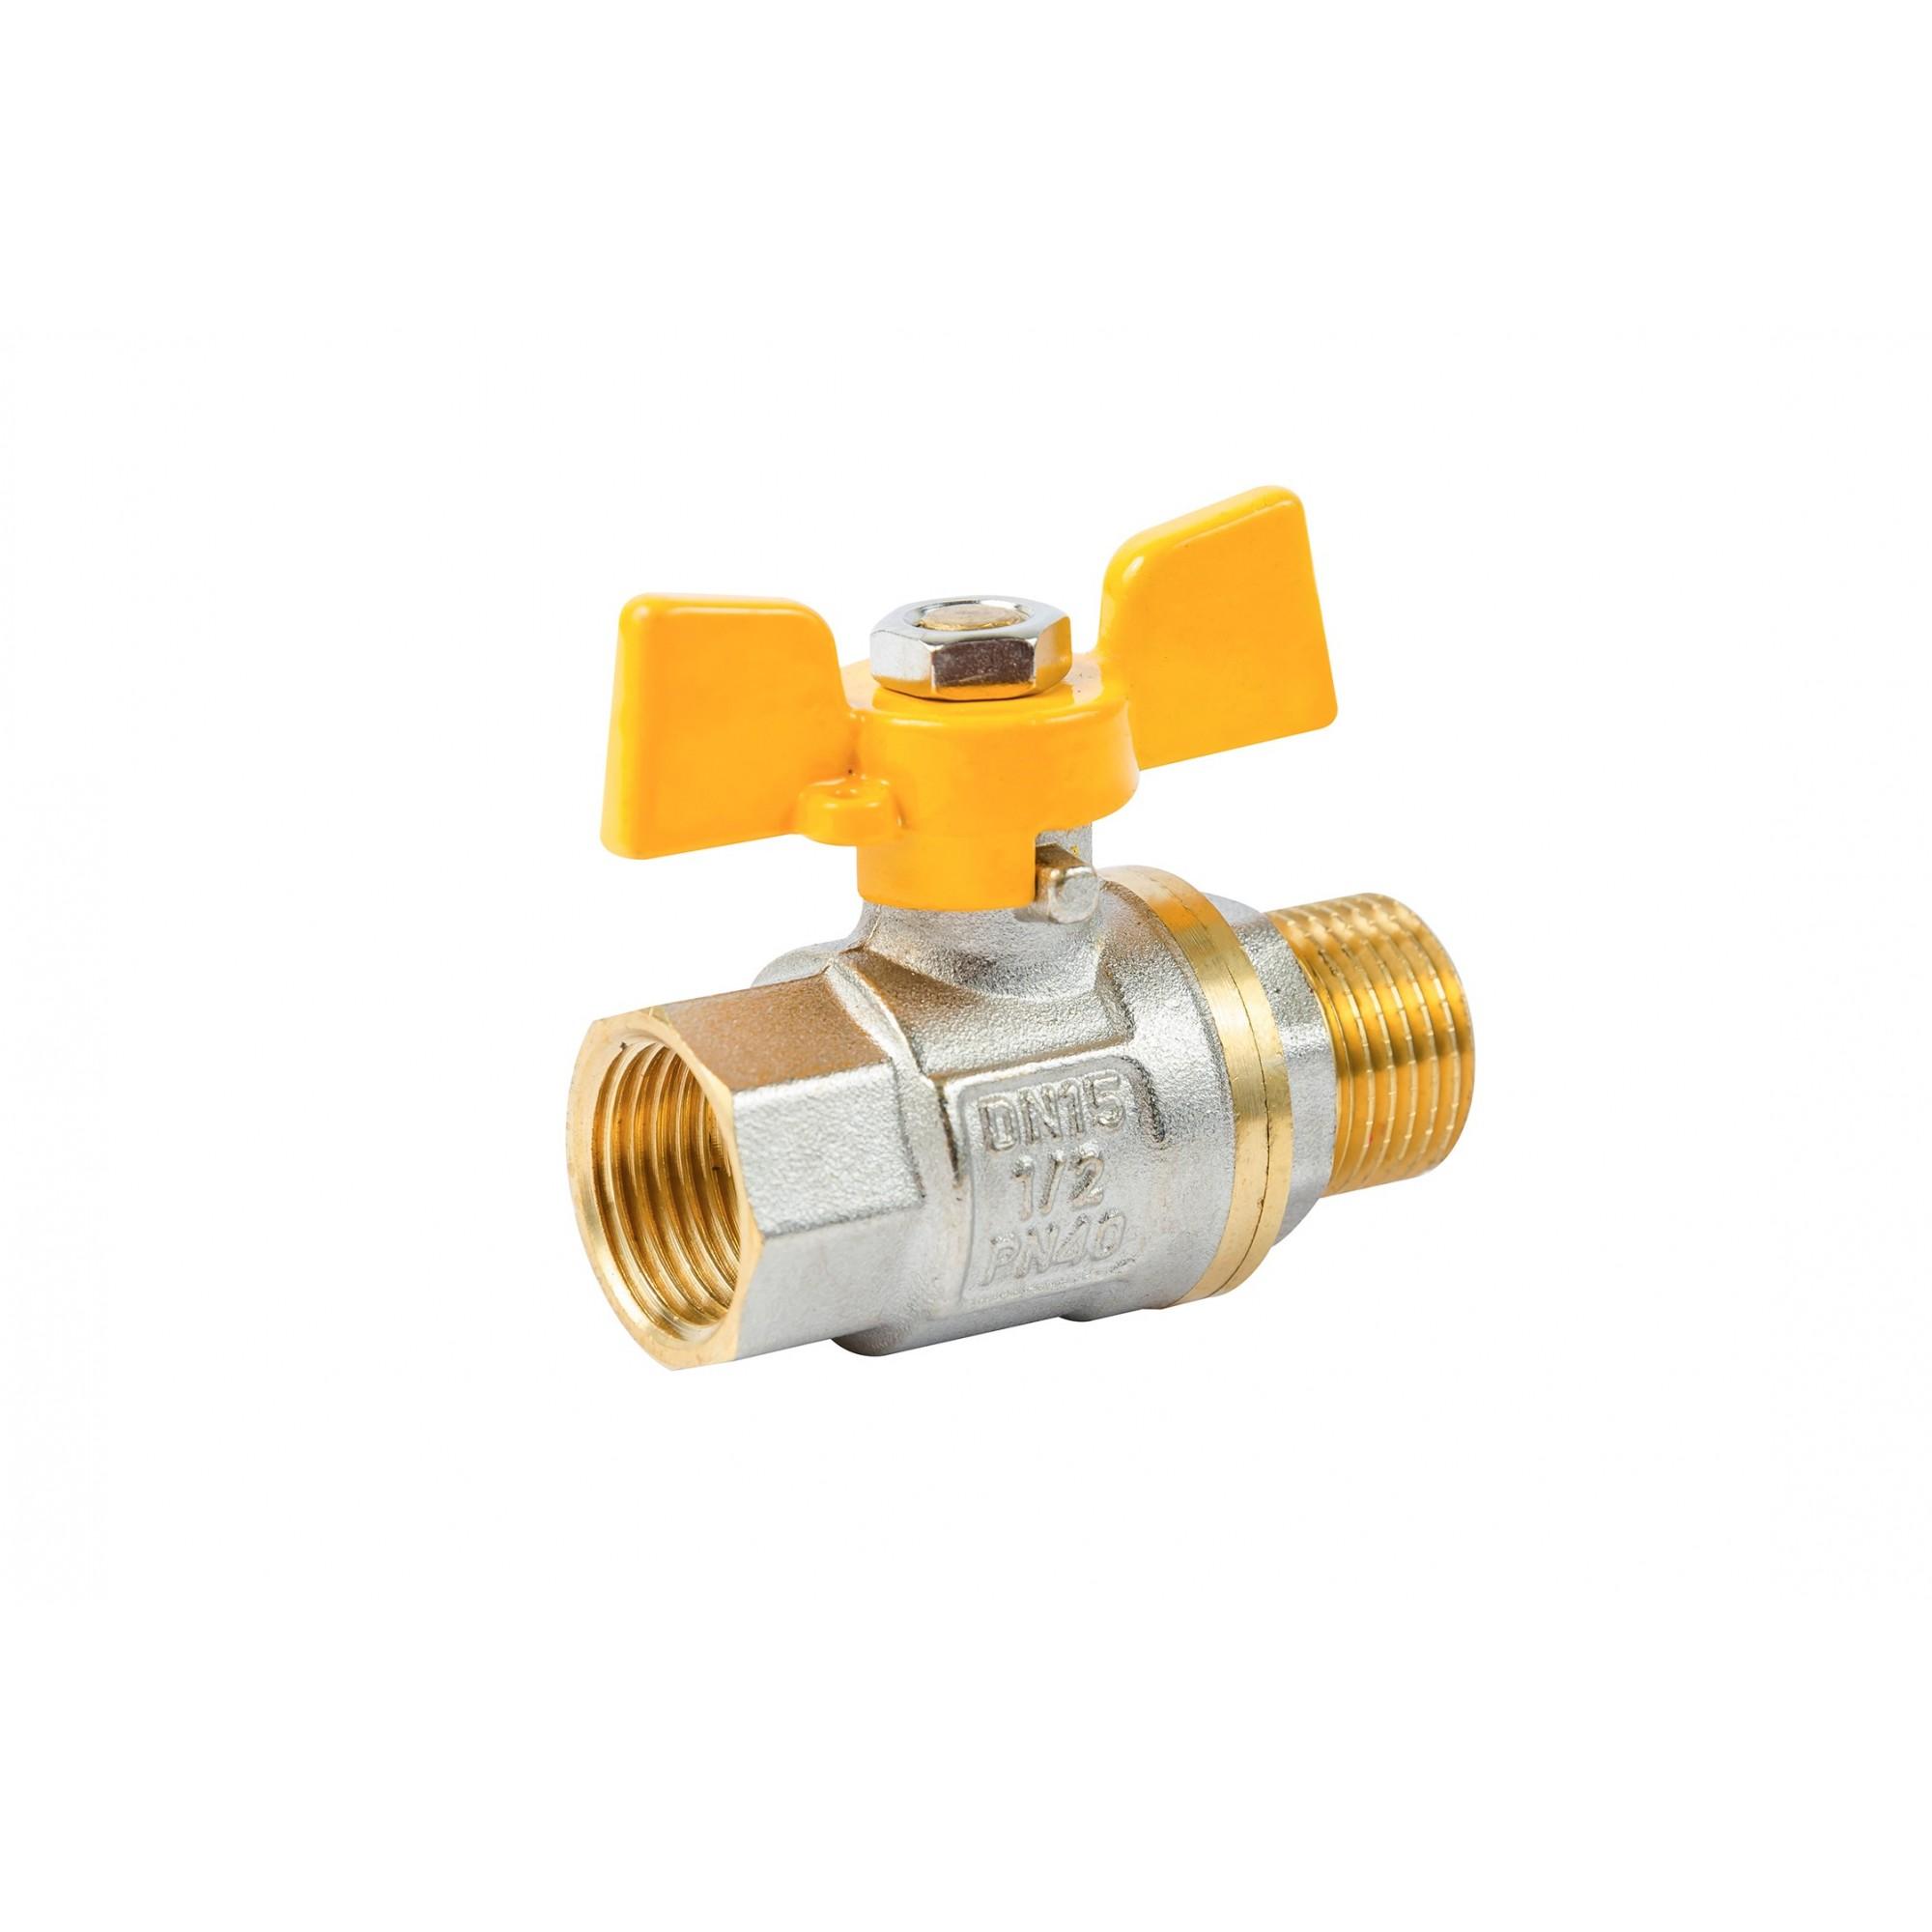 Кран шаровый ANGO 1/2'' нв желтая бабочка газовый, Pn 40 ANGO - 1